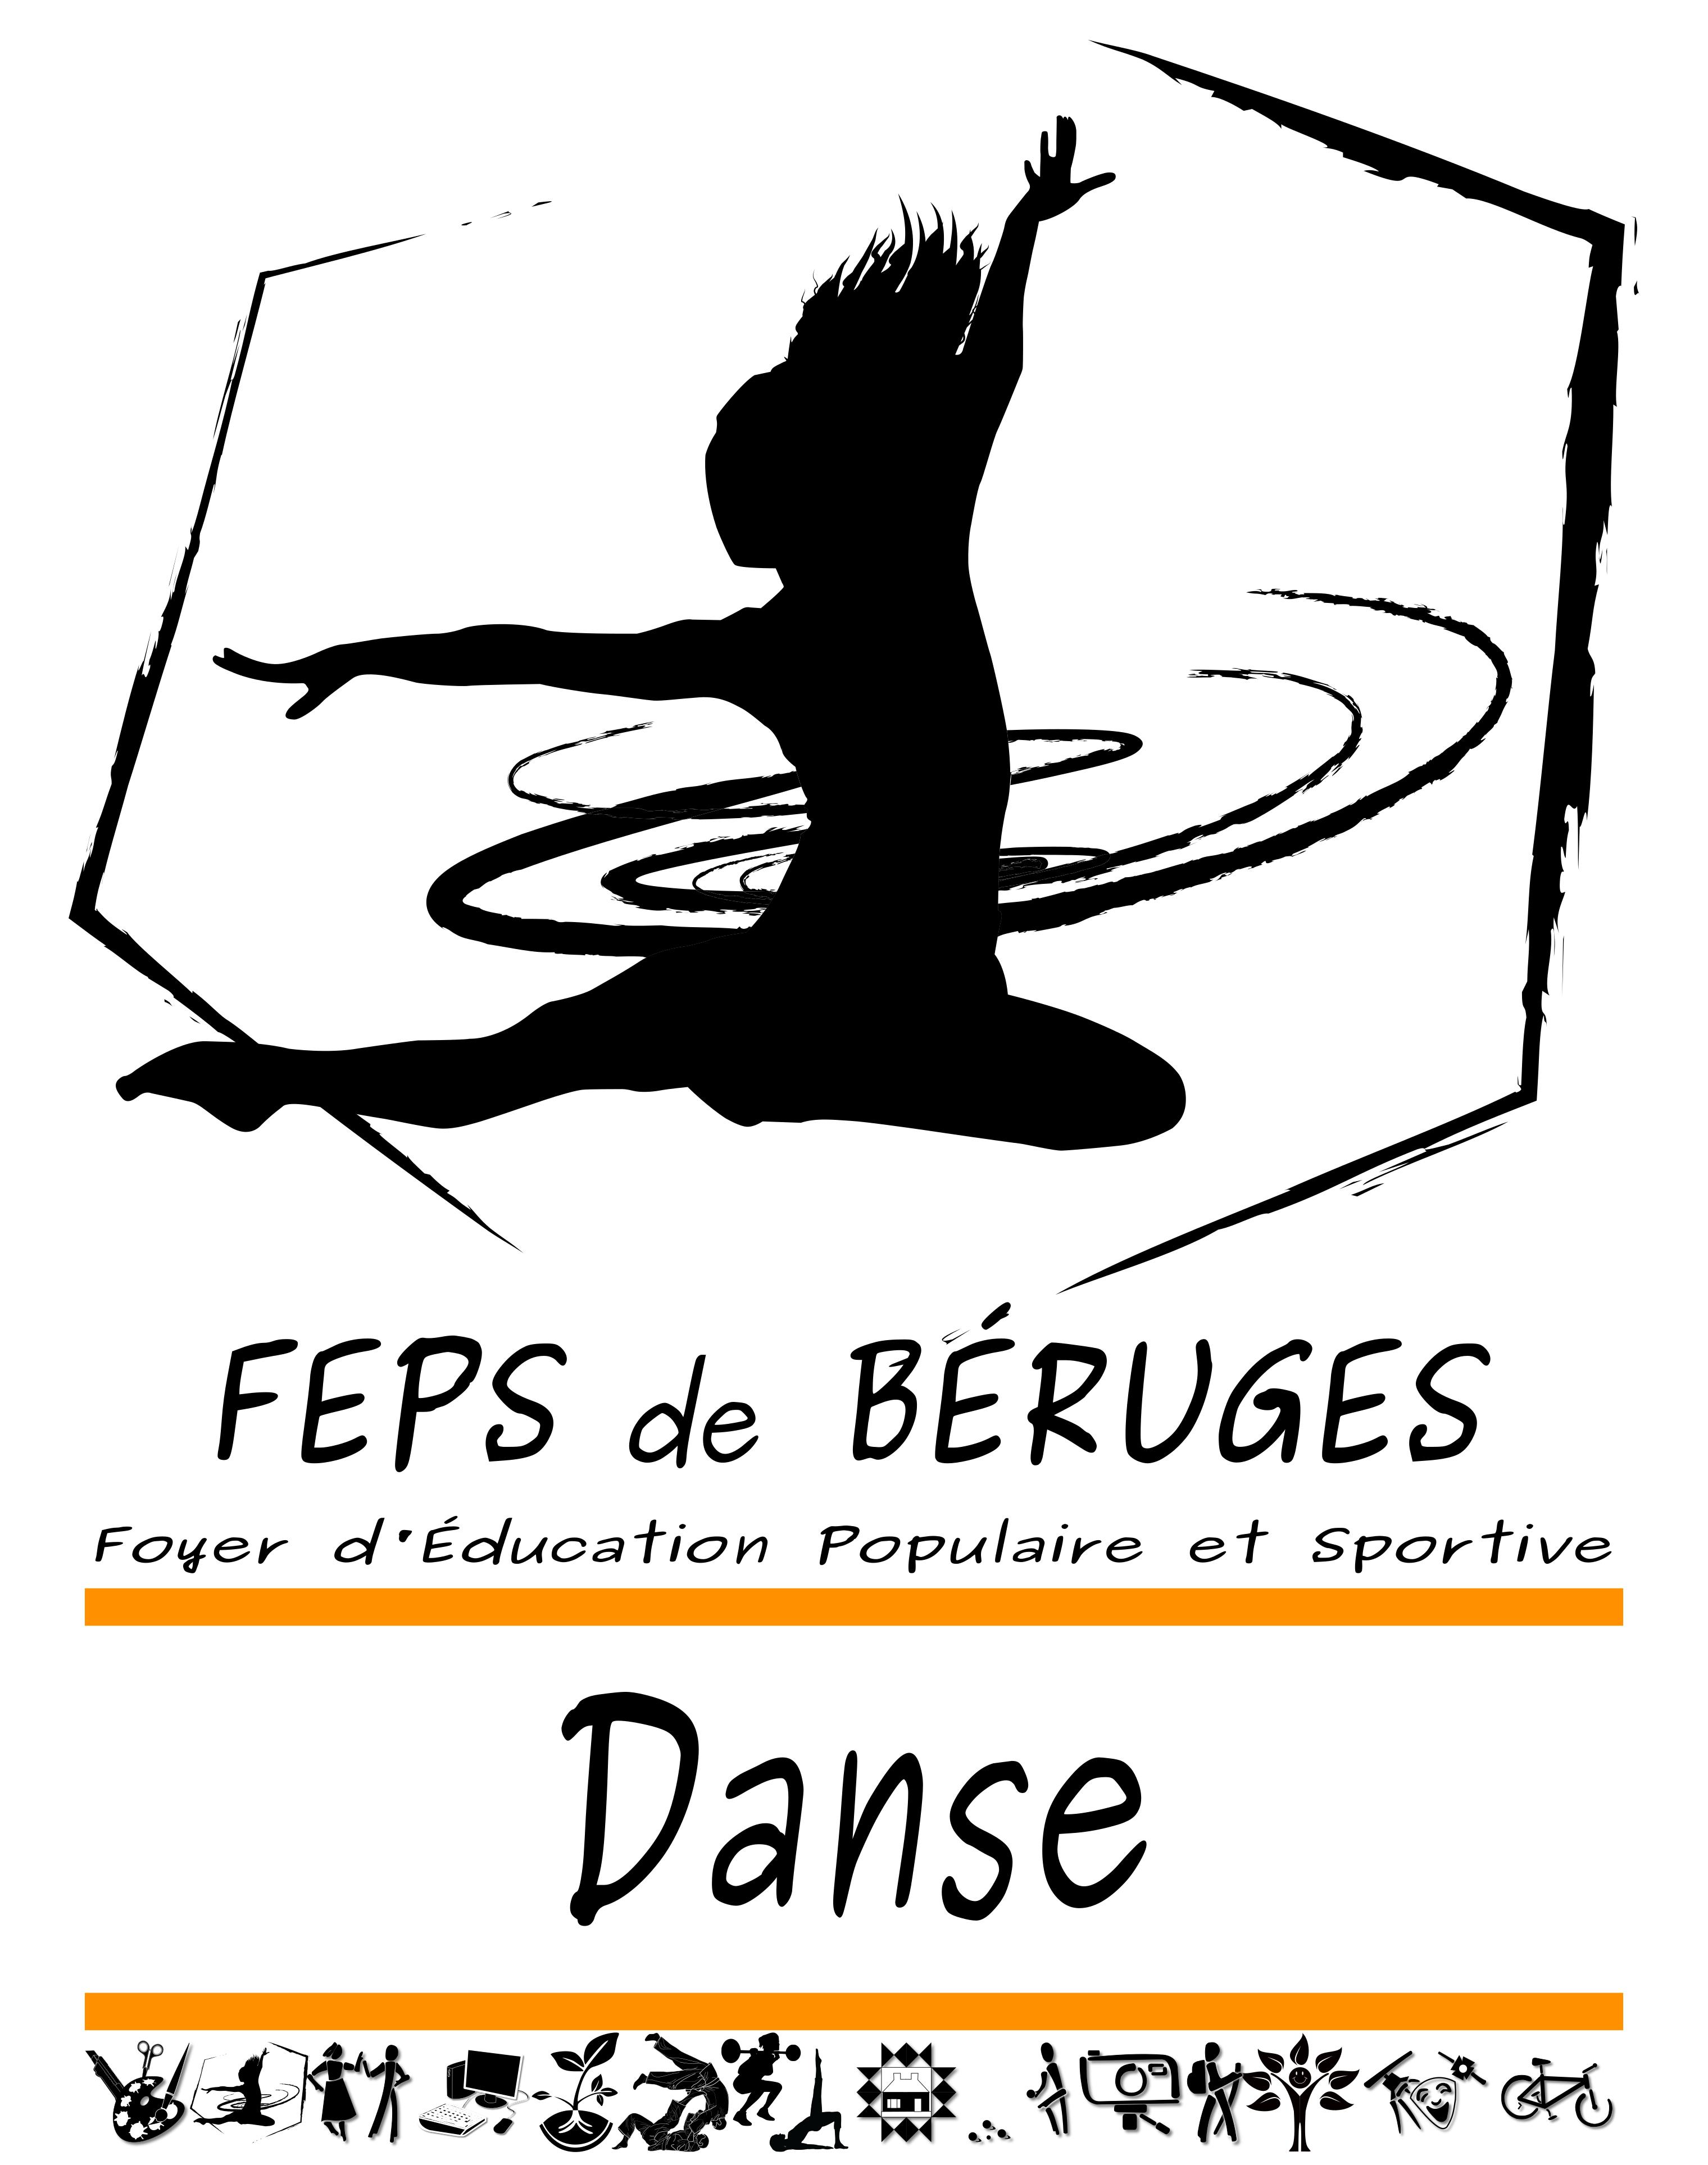 FEPS Danses